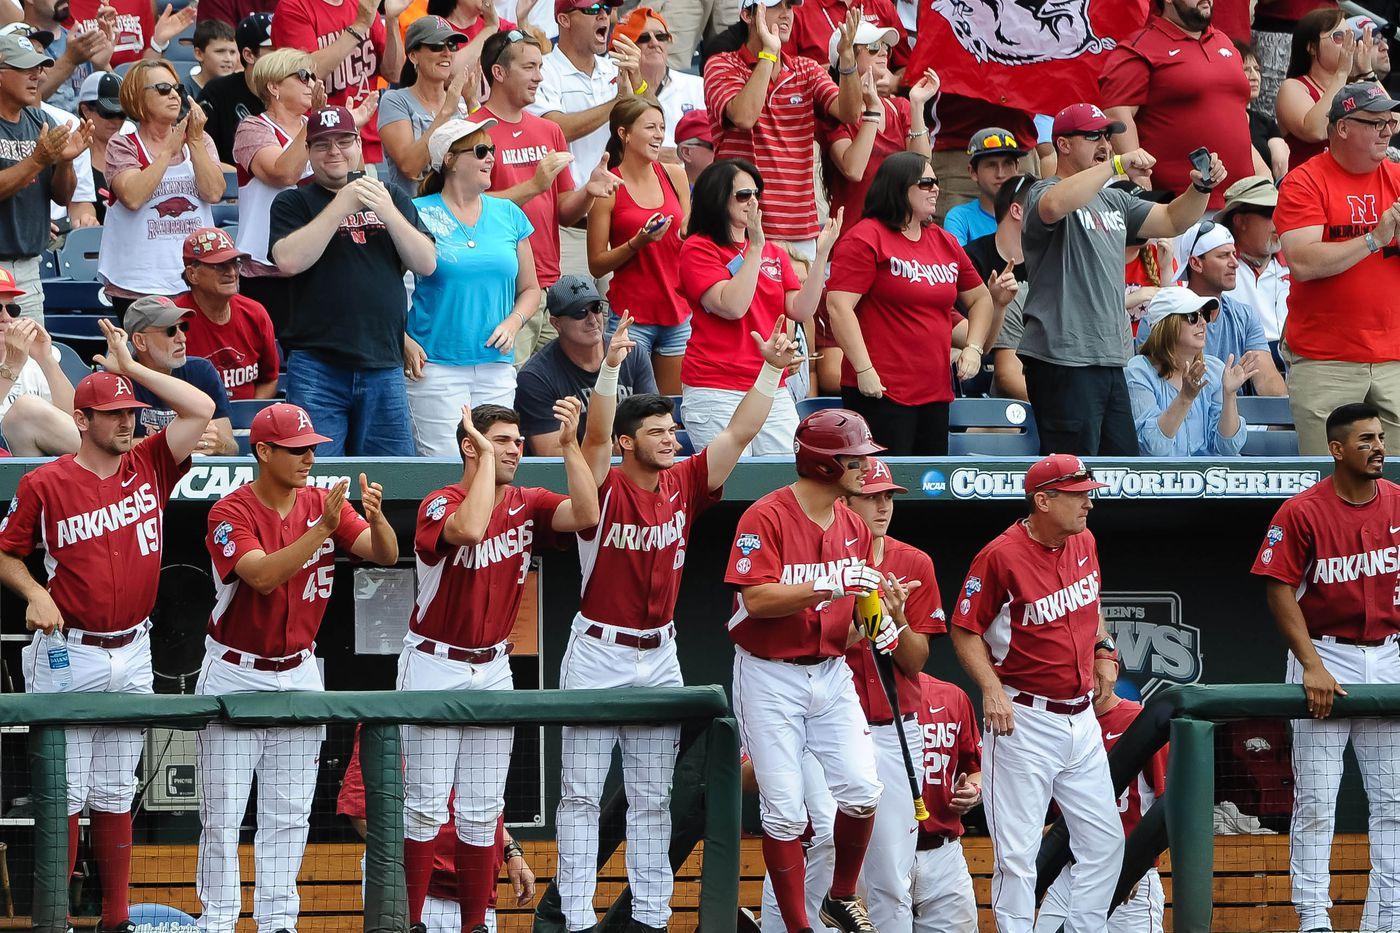 Arkansas Razorbacks Internet Chatter - All Baseball Previews, Hogs